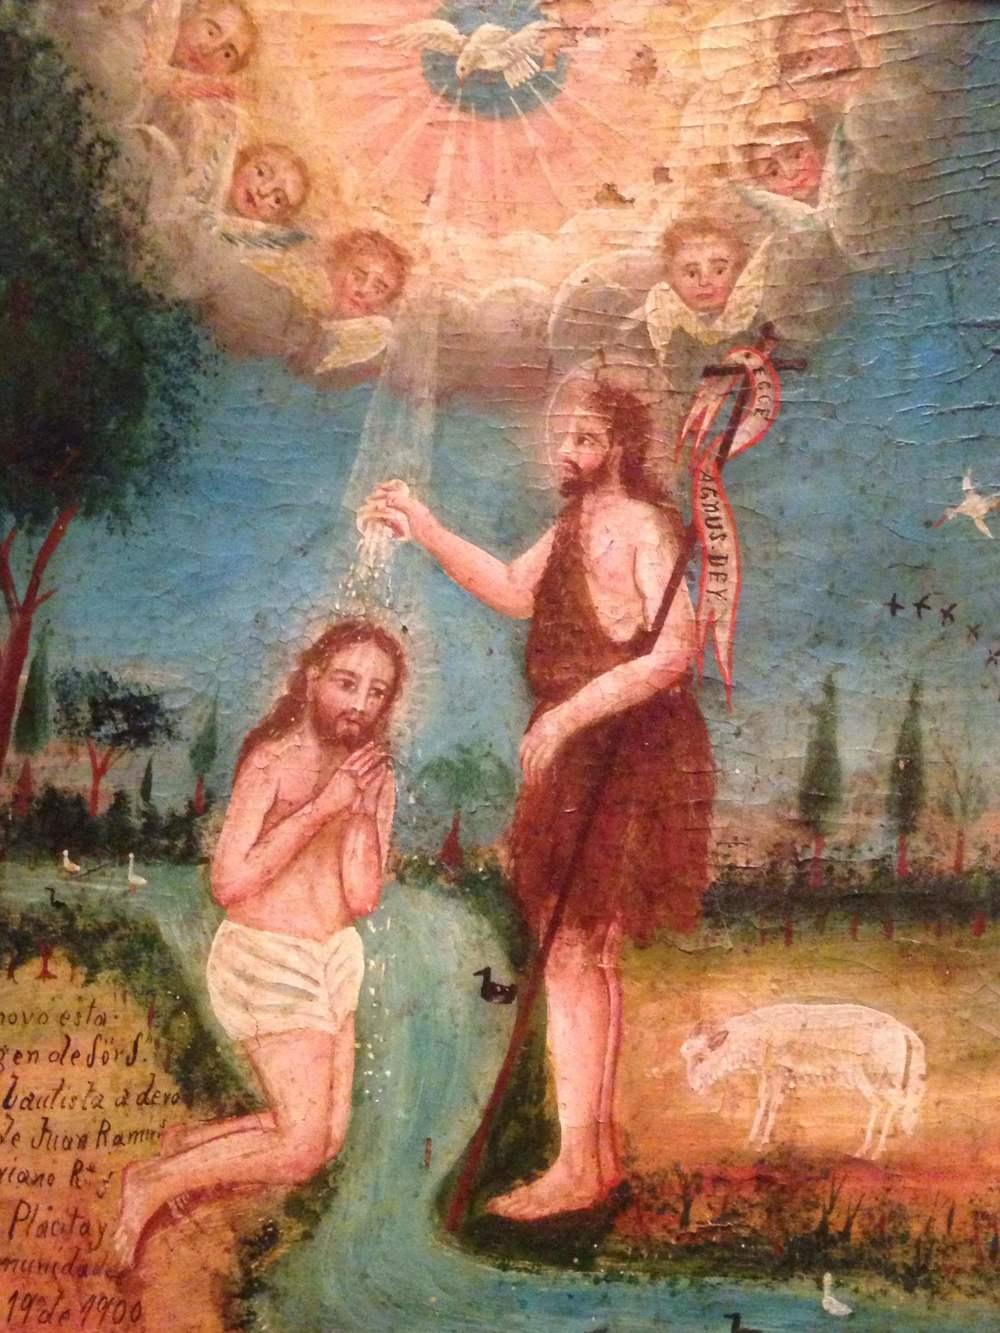 San Juan Bautista y Cristo, artist unknown, c. 1900, Mexico